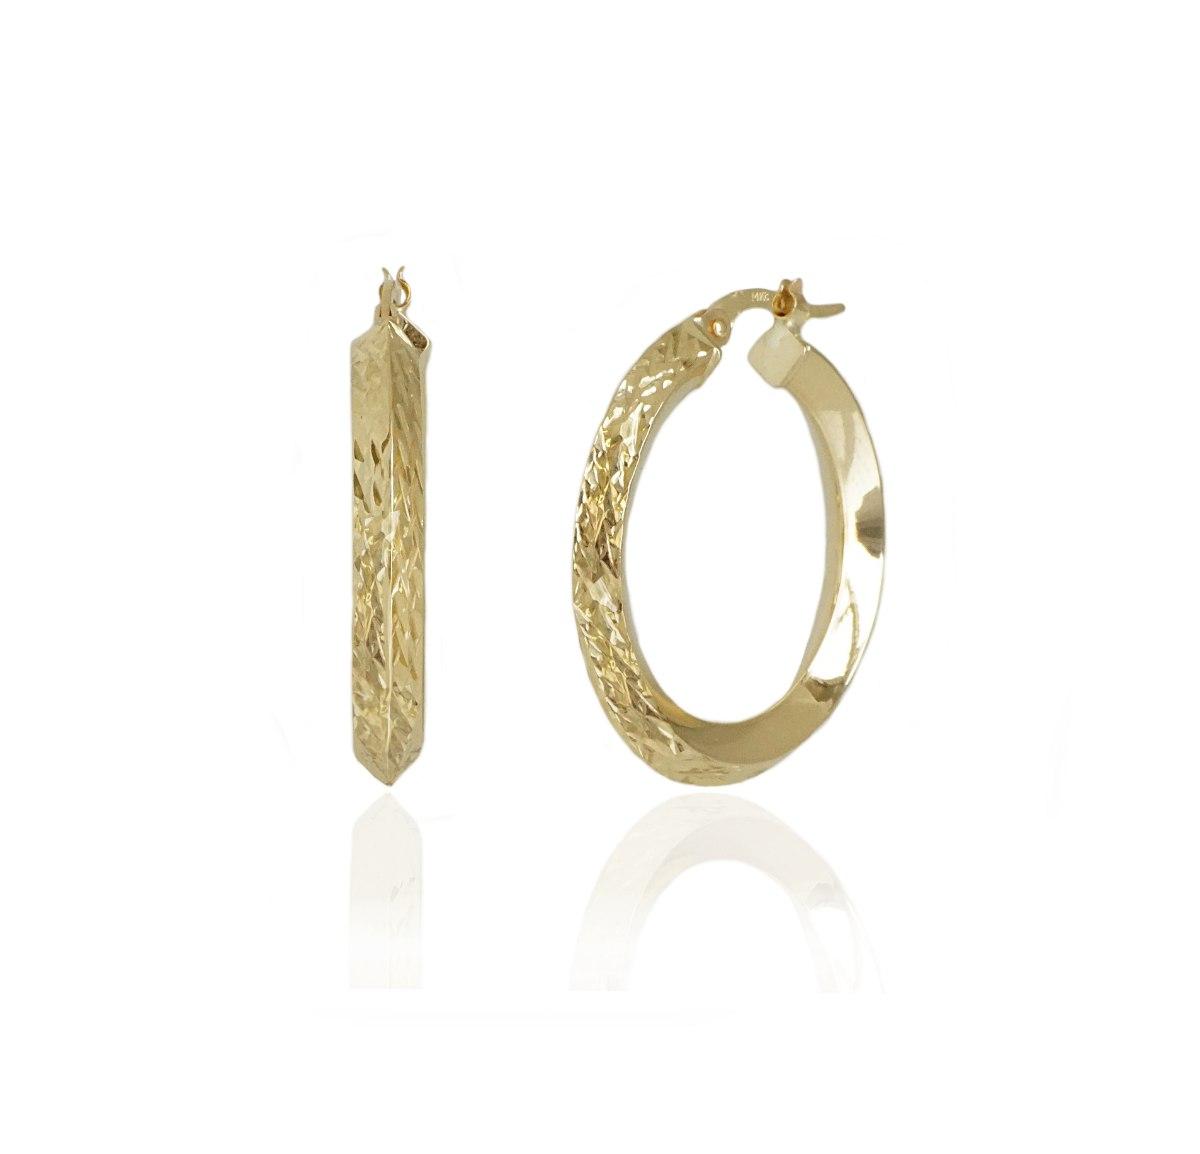 עגילי חישוק זהב מעוצבים עם חיתוכי ליזר 2.7 סמ